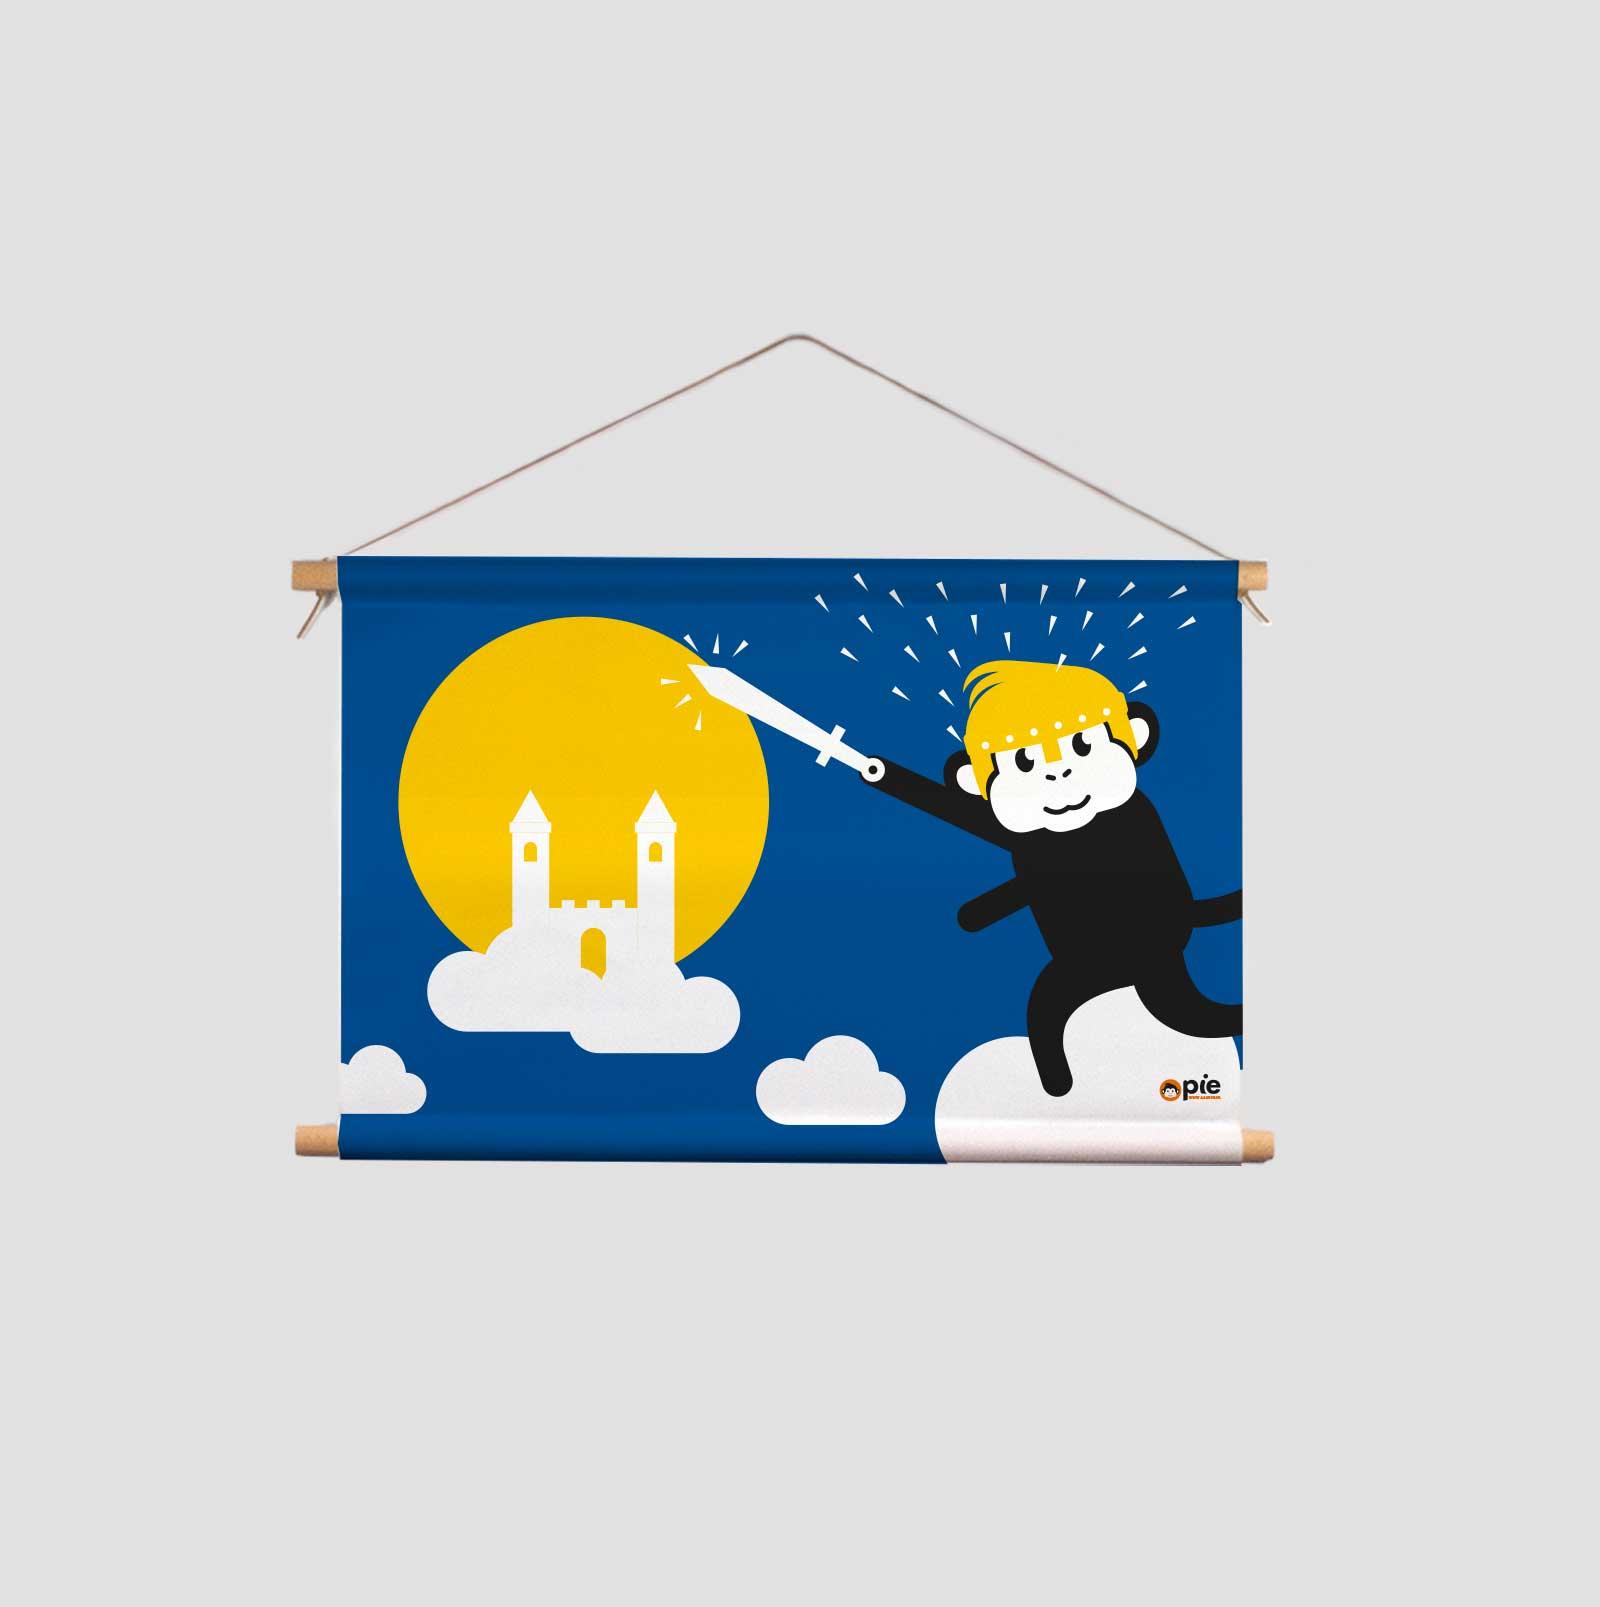 Textielposter Aapje Pie droom ridder met banaan kinderkamer of babykamer Aapje Pie met primaire en secundaire kleuren en illustraties uit Pie het avontuur begint